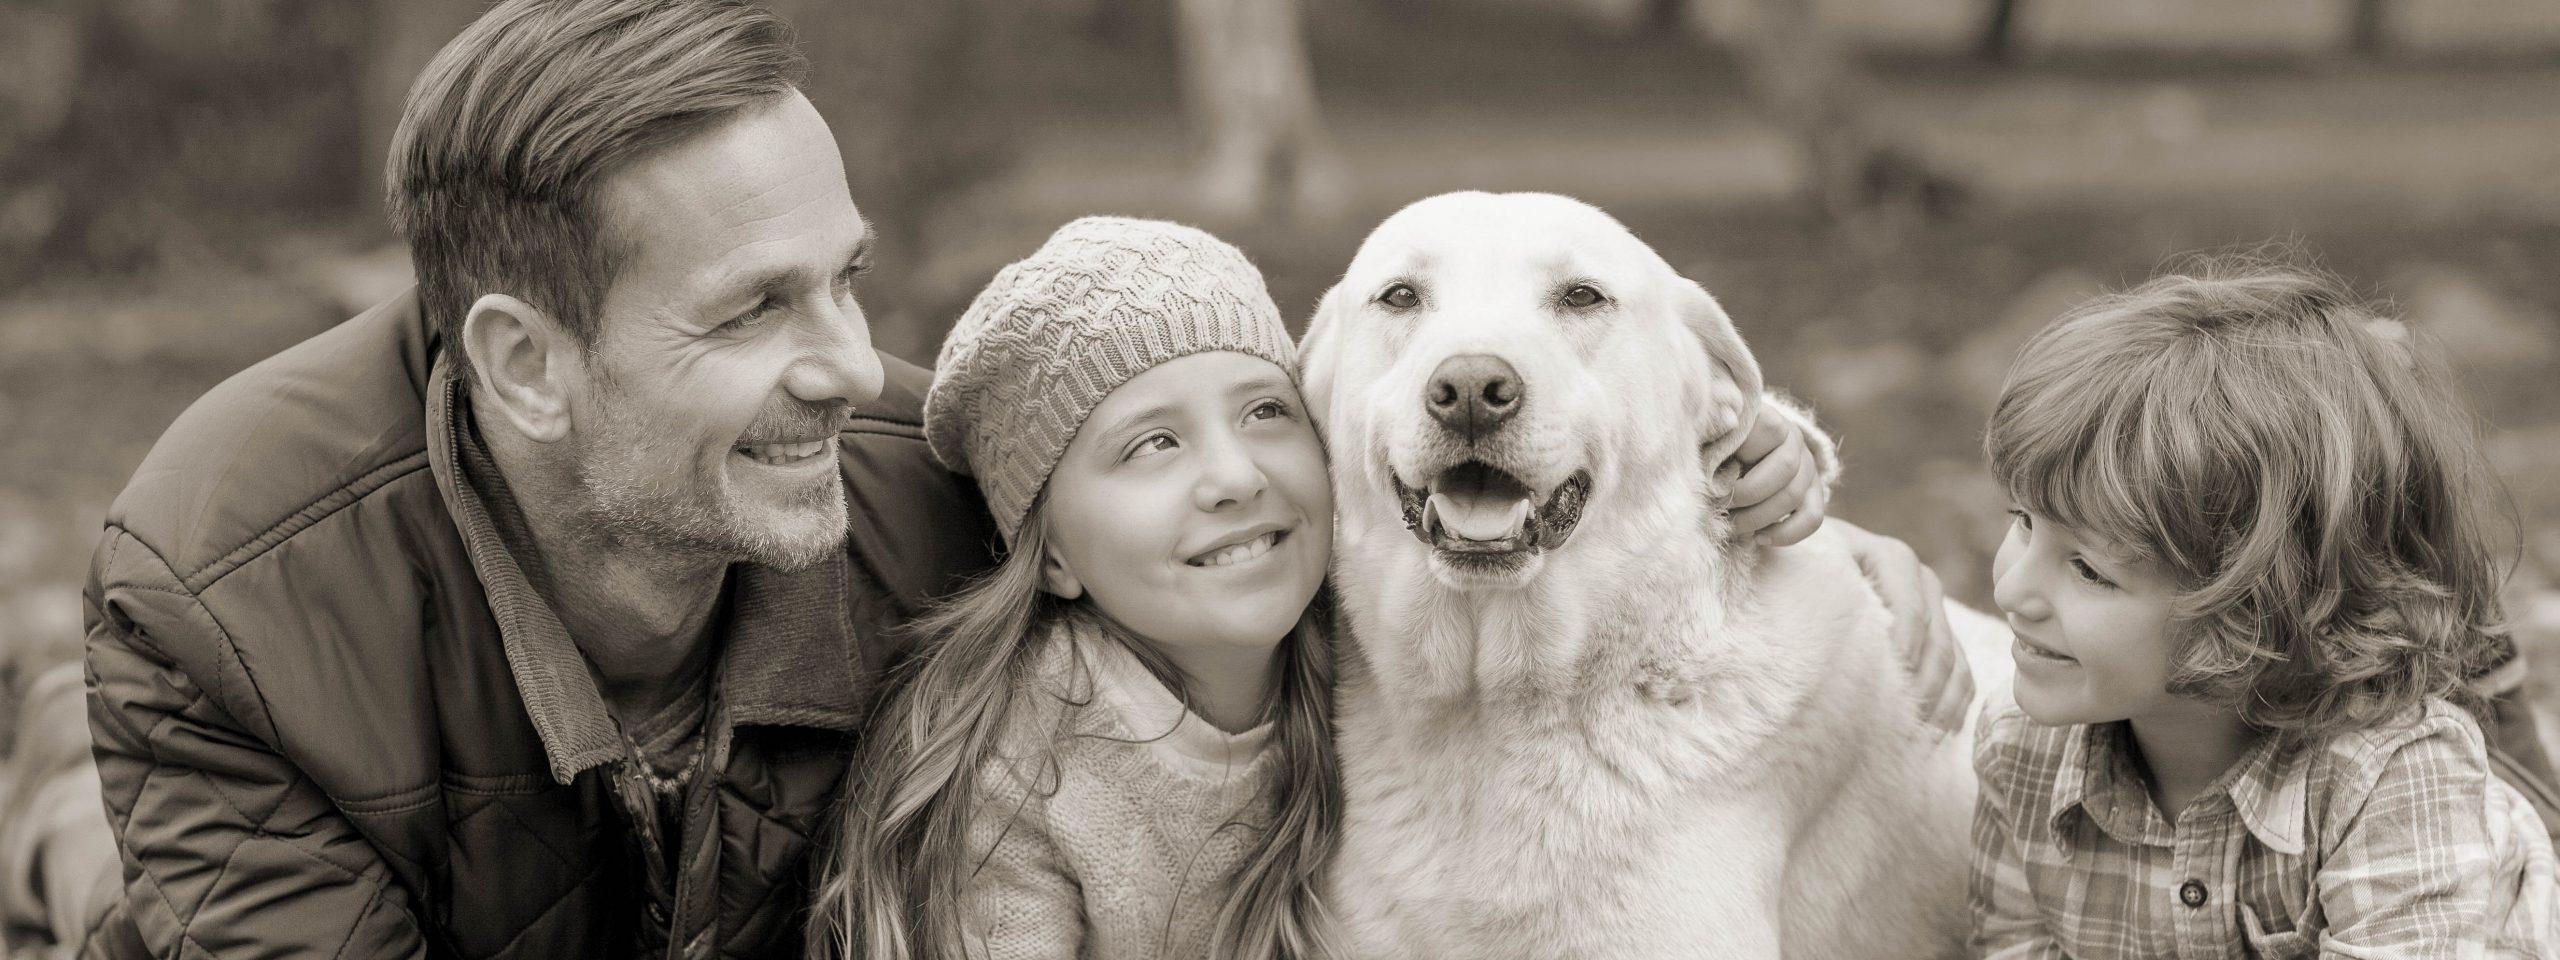 Vater, Tochter, Sohn liegen mit Hund gemeinsam auf einer Wiese